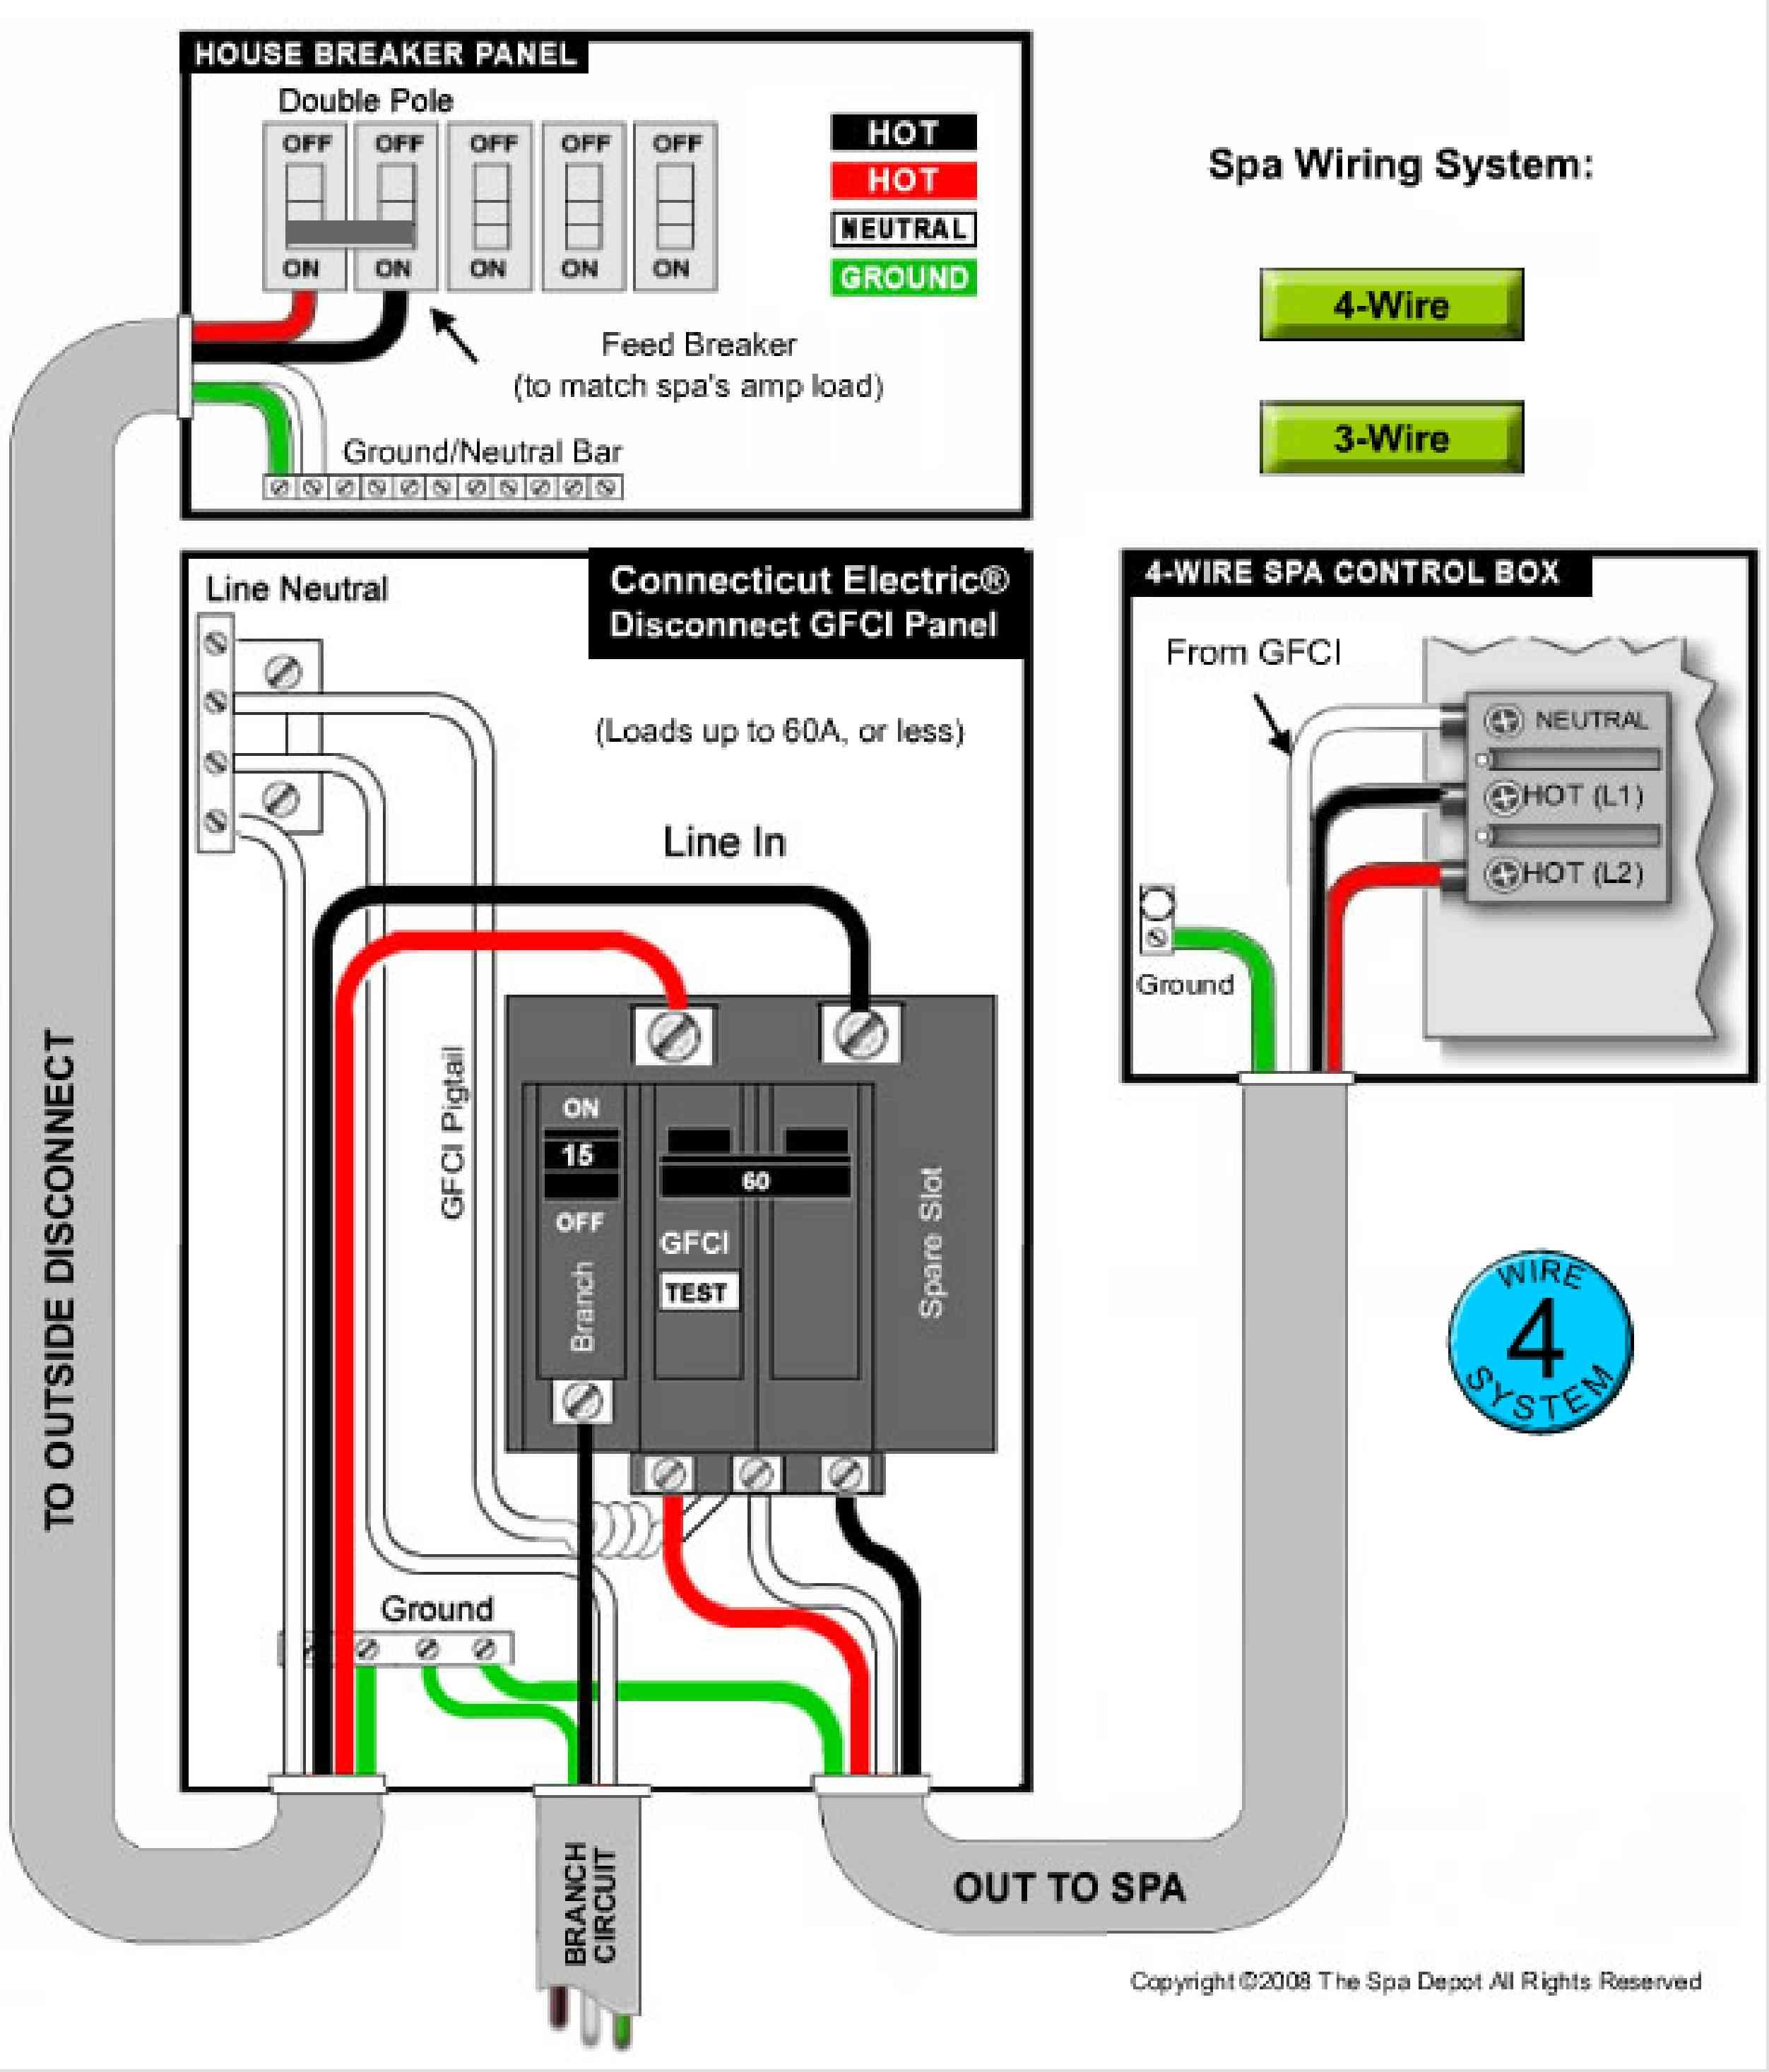 Leviton 5224 Wiring Diagram -Isuzu Ascender Wiring Diagram   New Book Wiring  DiagramNew Book Wiring Diagram